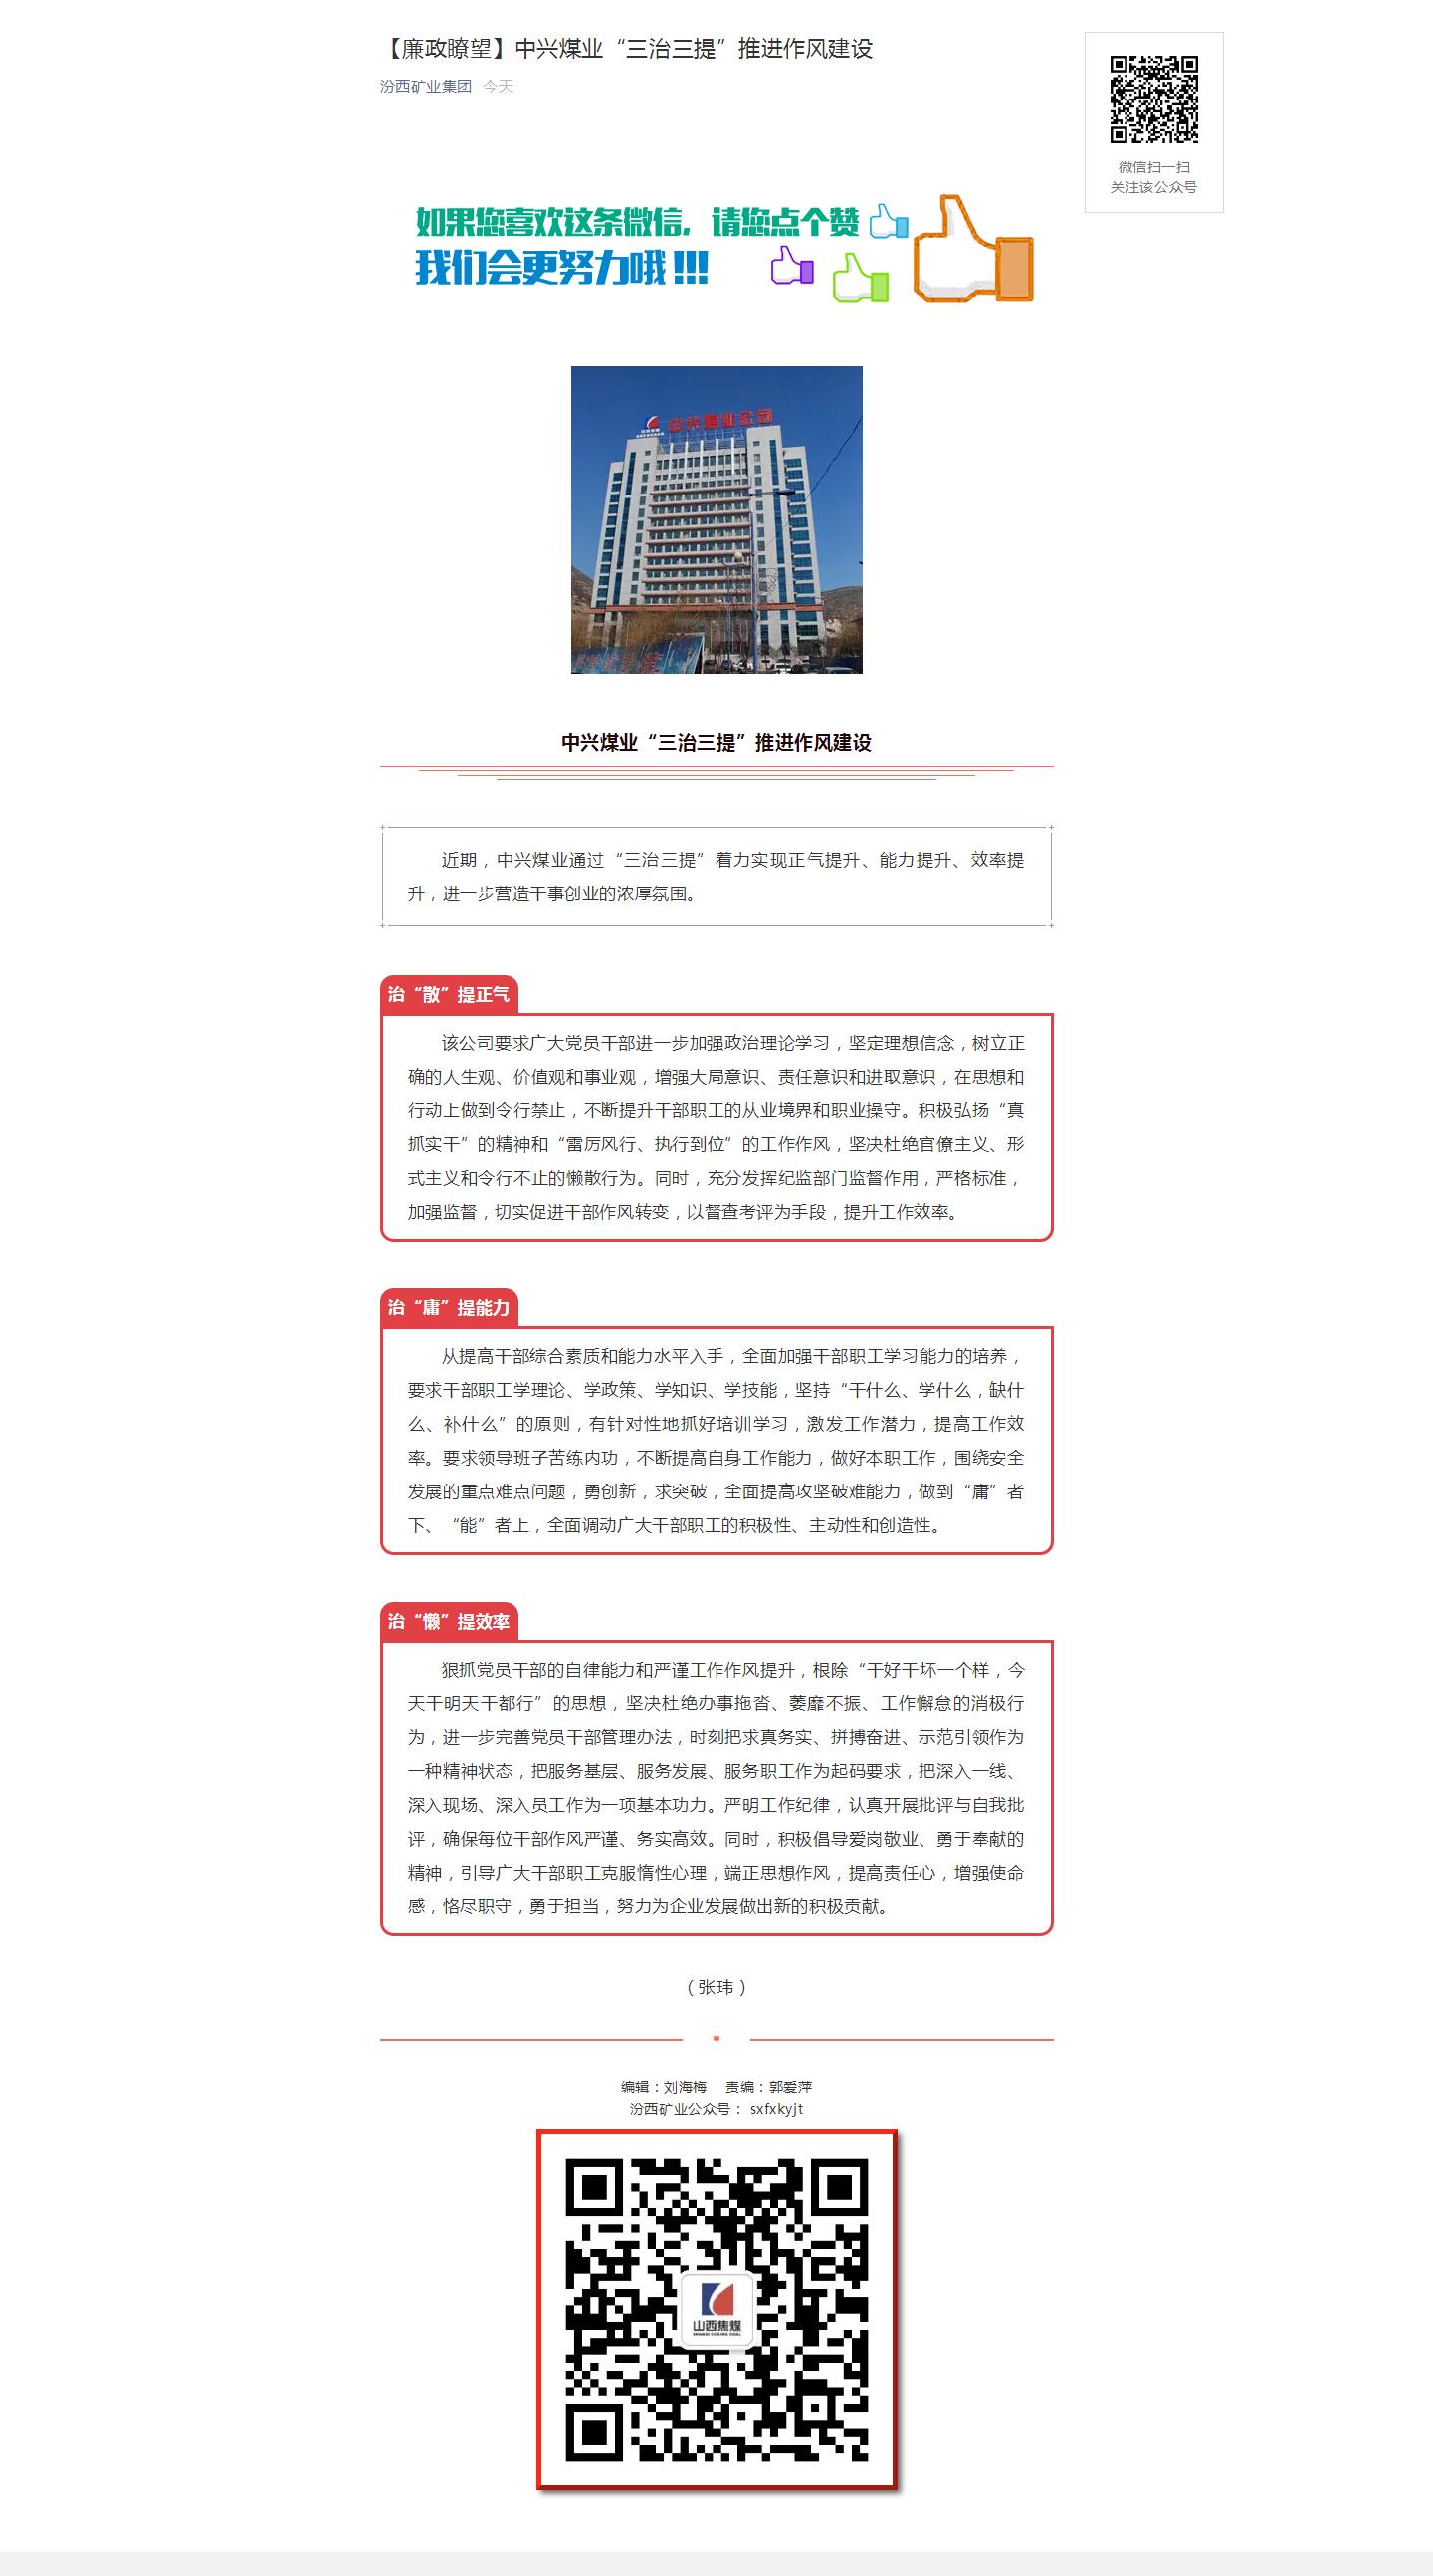 """【廉政瞭望】中兴煤业""""三治三提""""推进作风建设.png"""